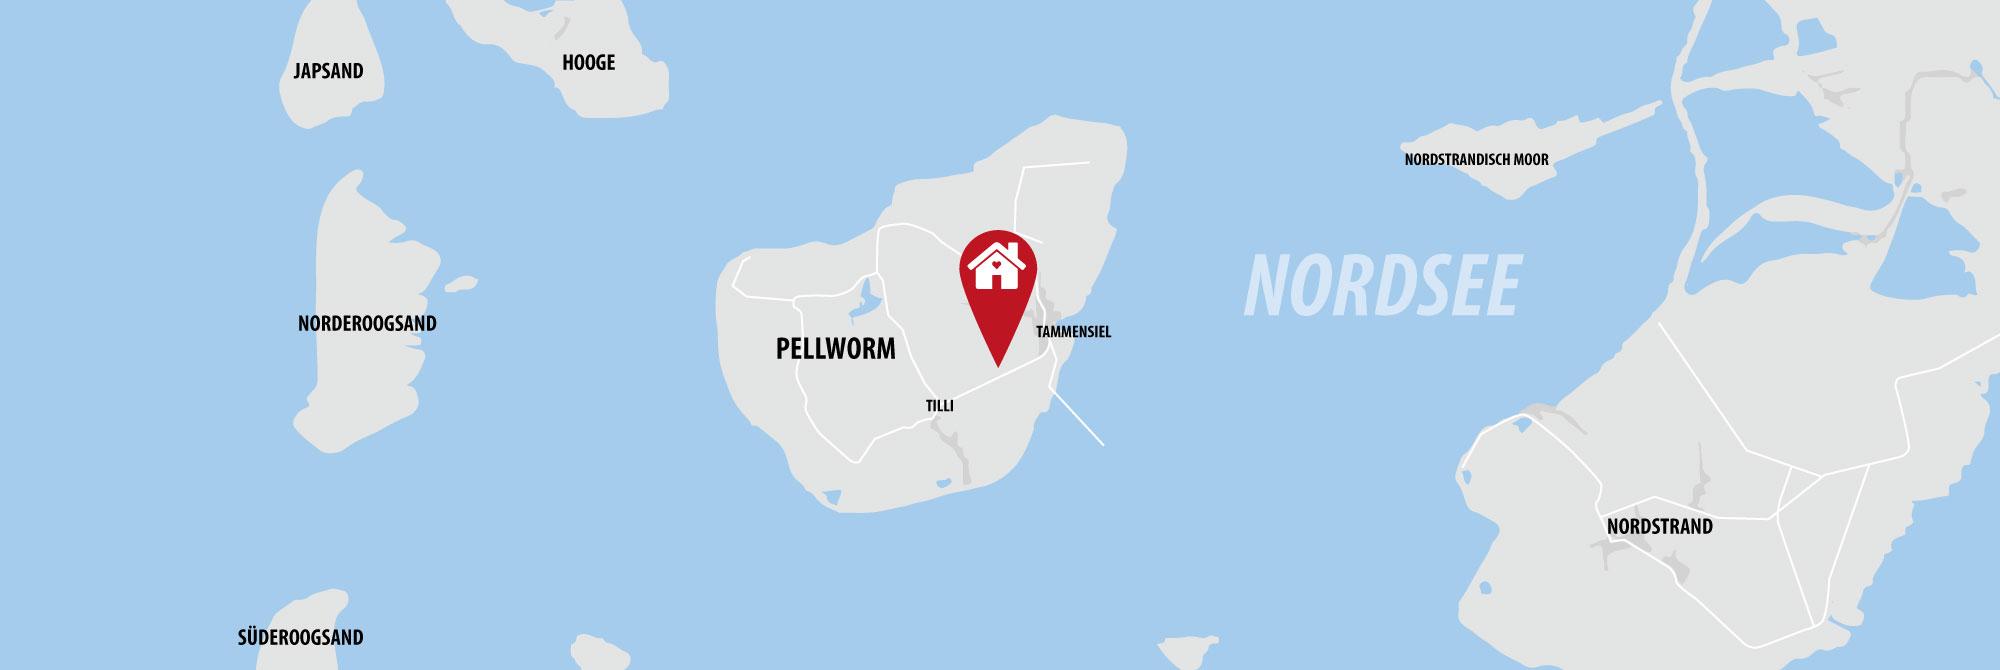 Ferienhaus auf Pellworm in der Nordsee